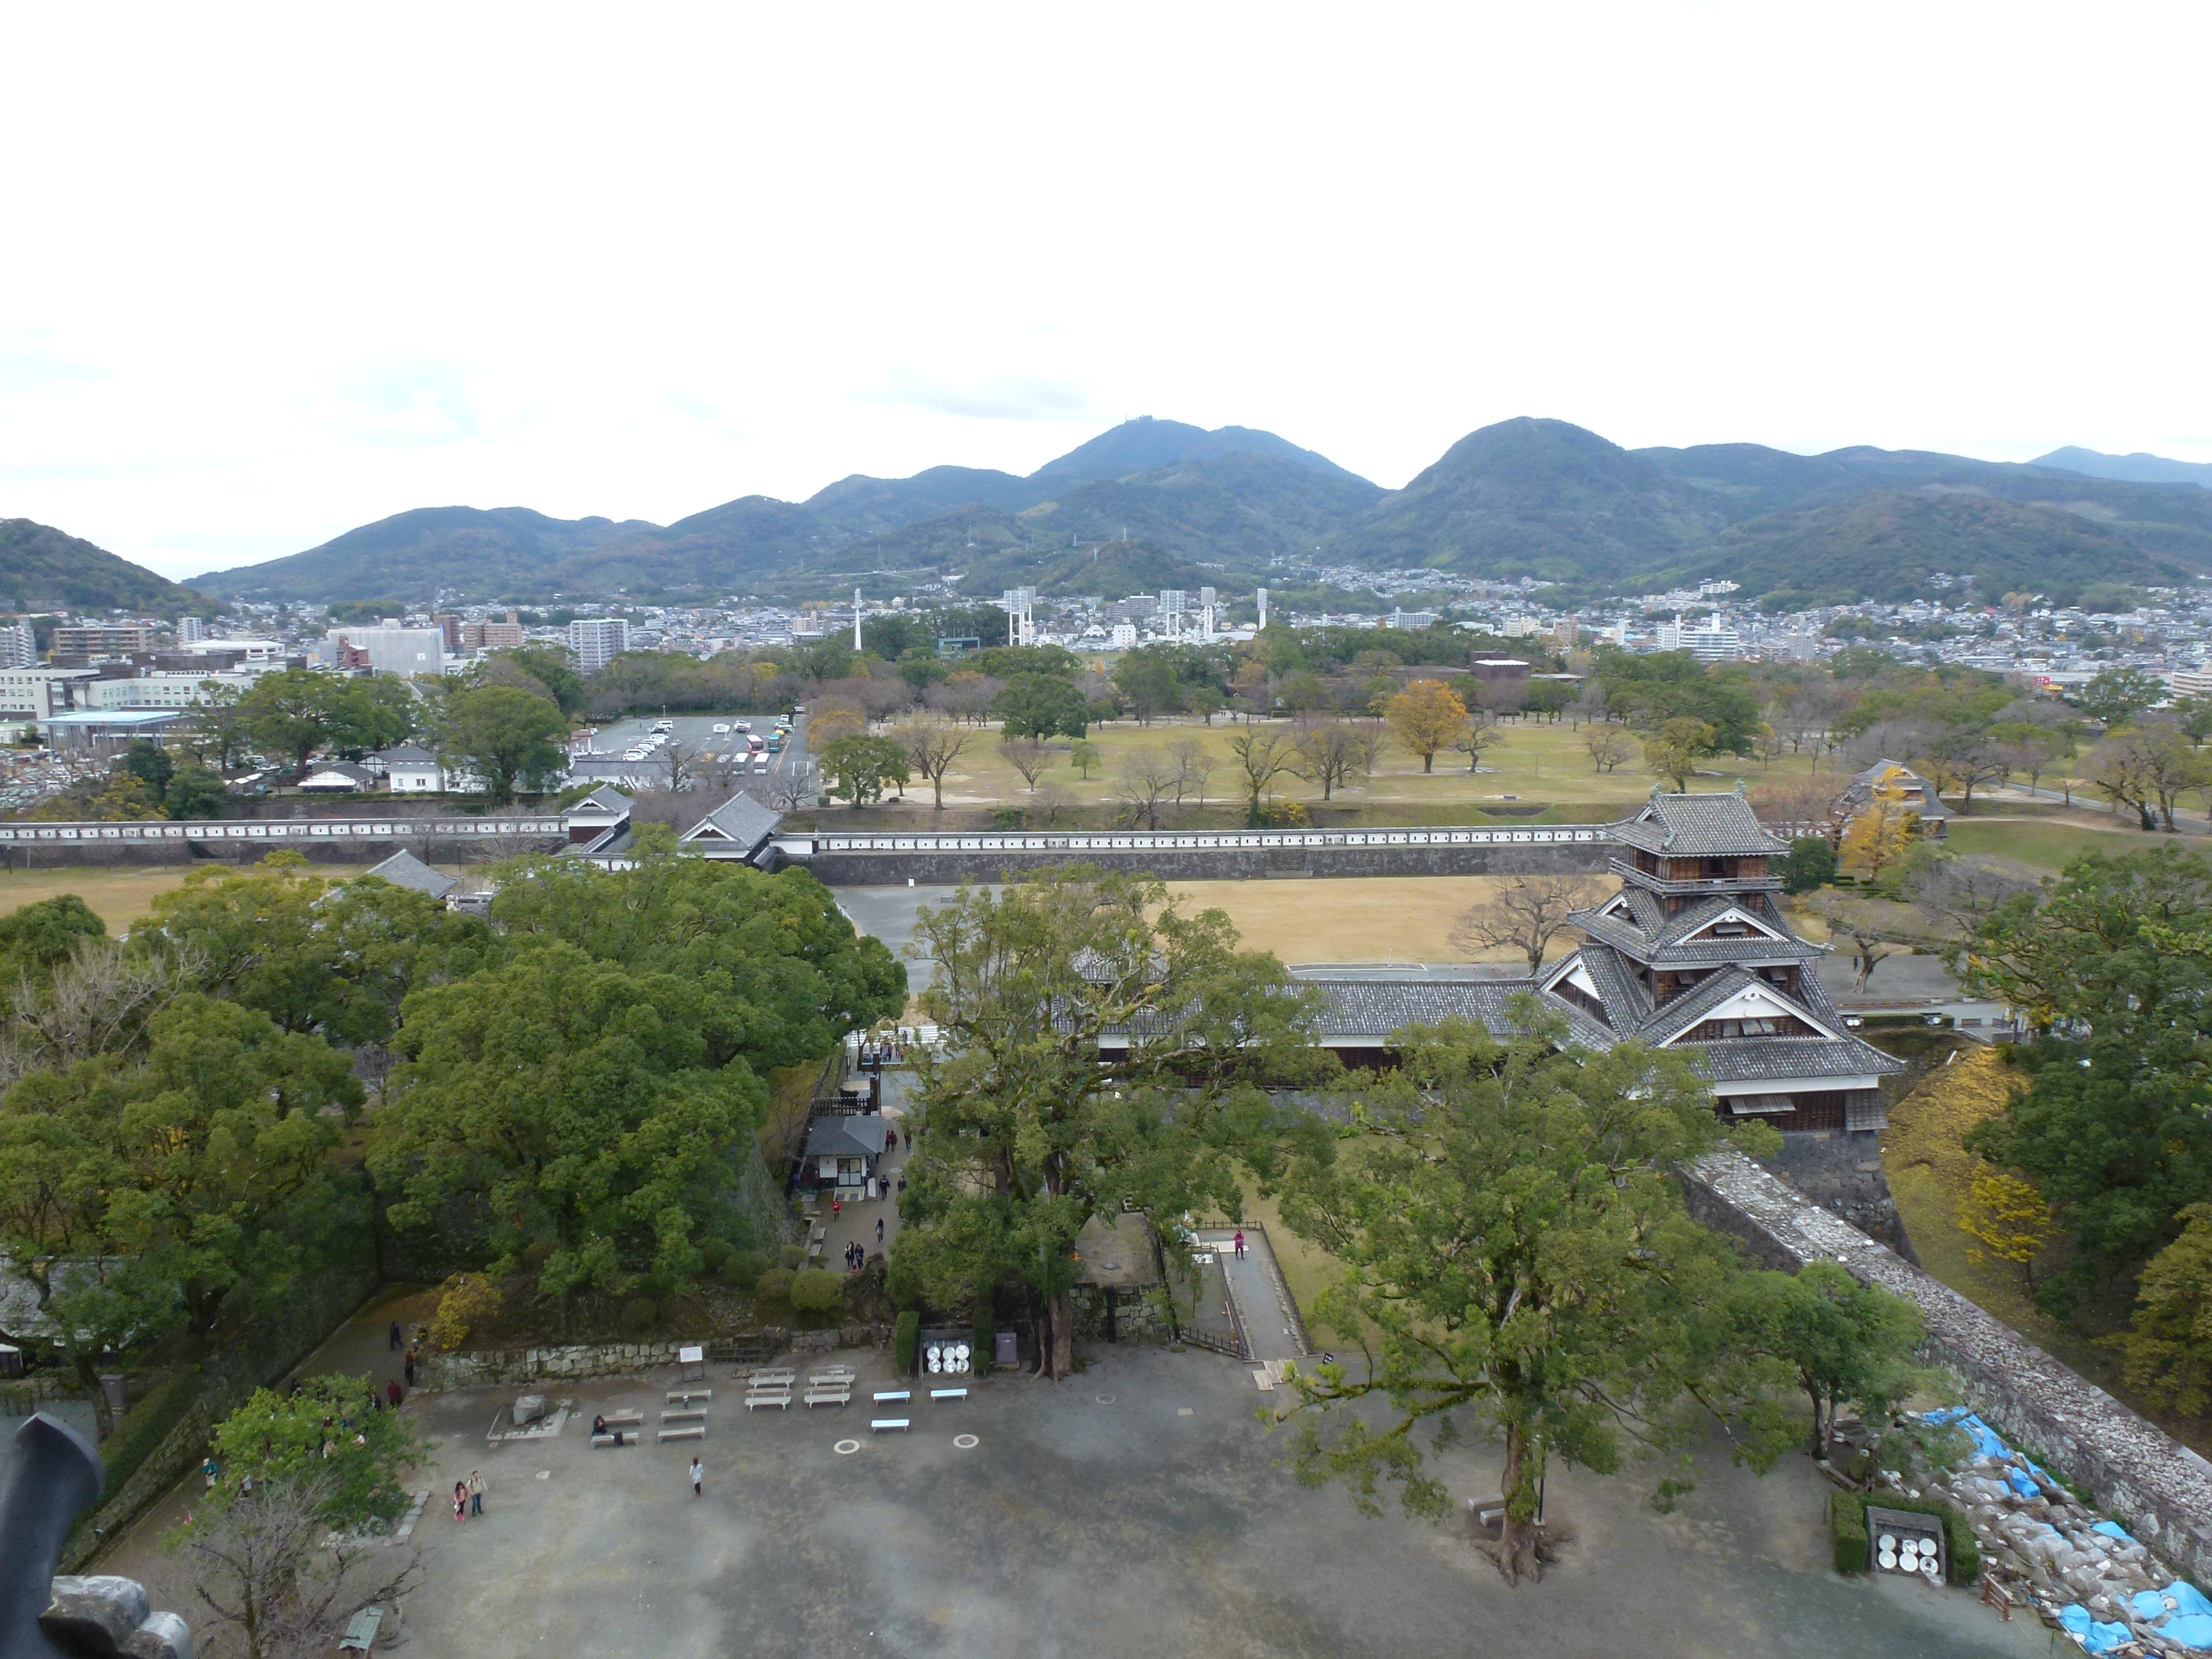 kumamoto part 1- that gigantic castle | perihele